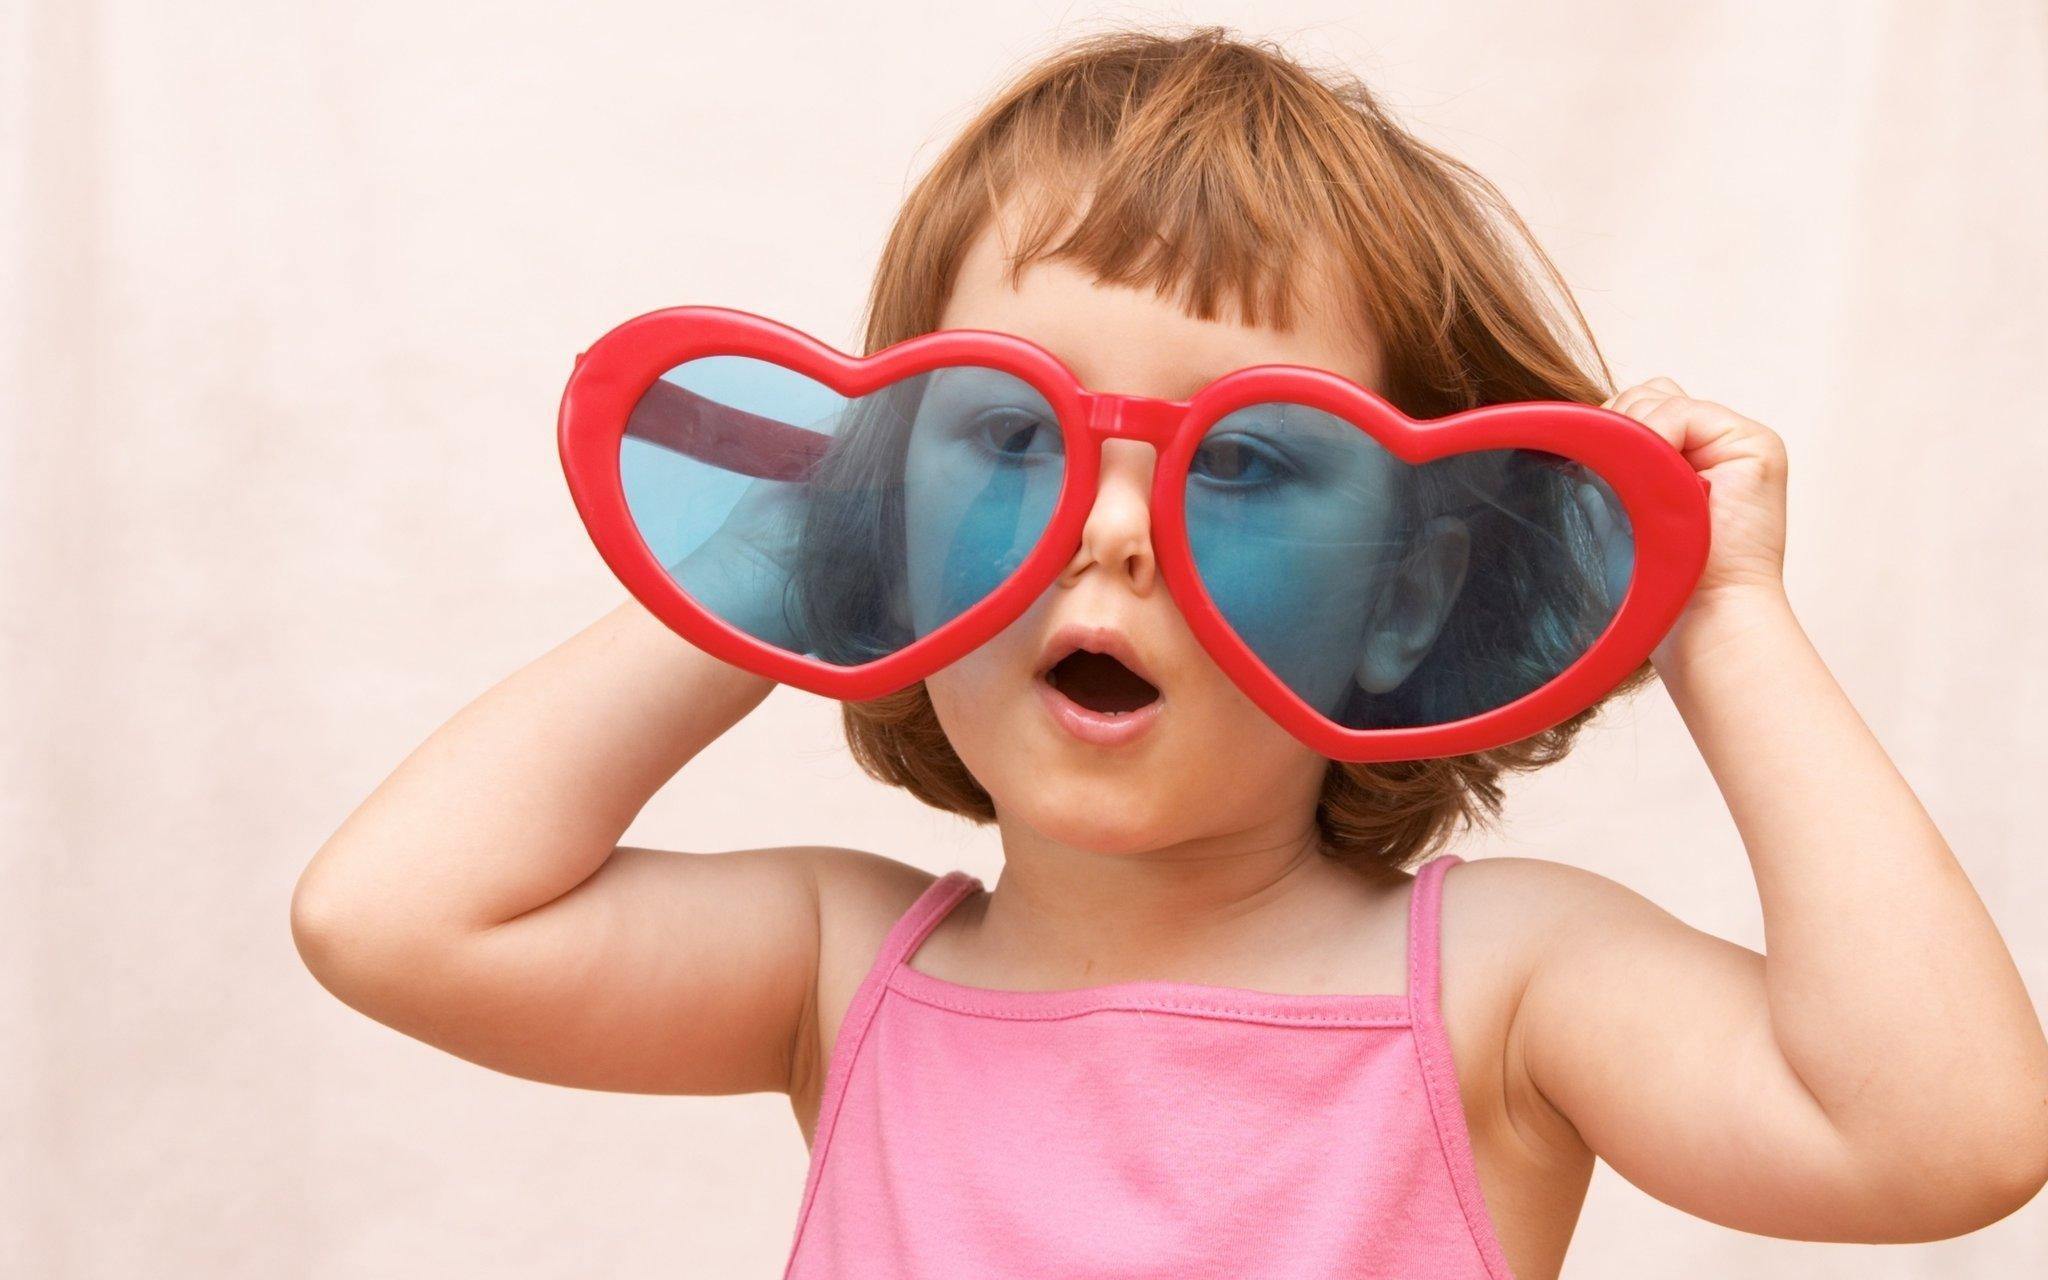 действительно пользоваться картинки смешные про очки нарушителей